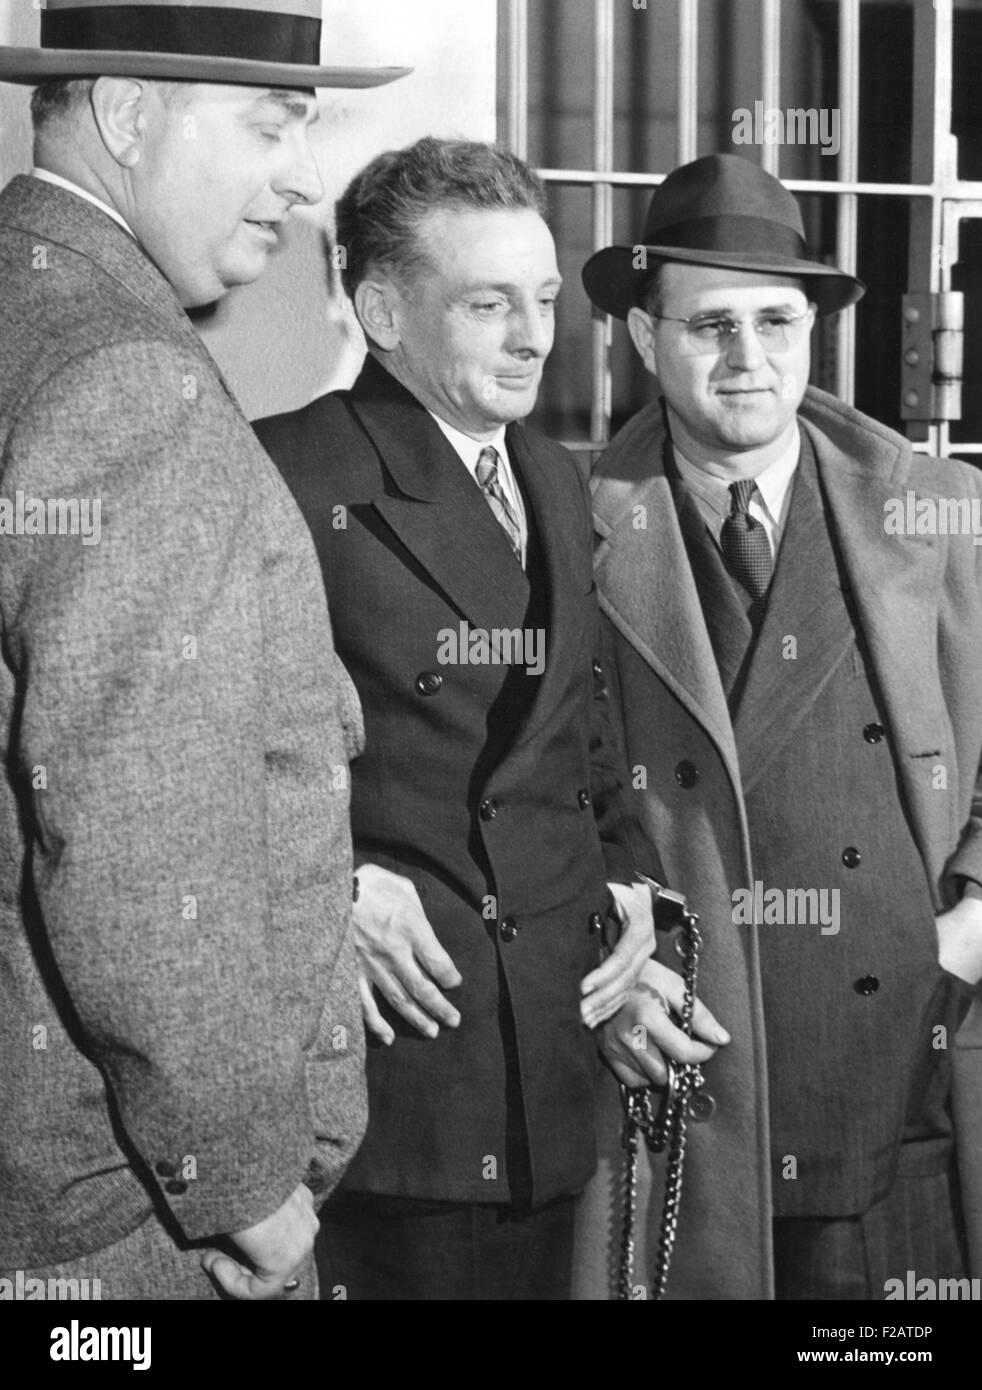 Roger Touly buscó un recurso de habeas corpus el 5 de enero de 1943. Afirmó que estaba enmarcada por el secuestro Foto de stock